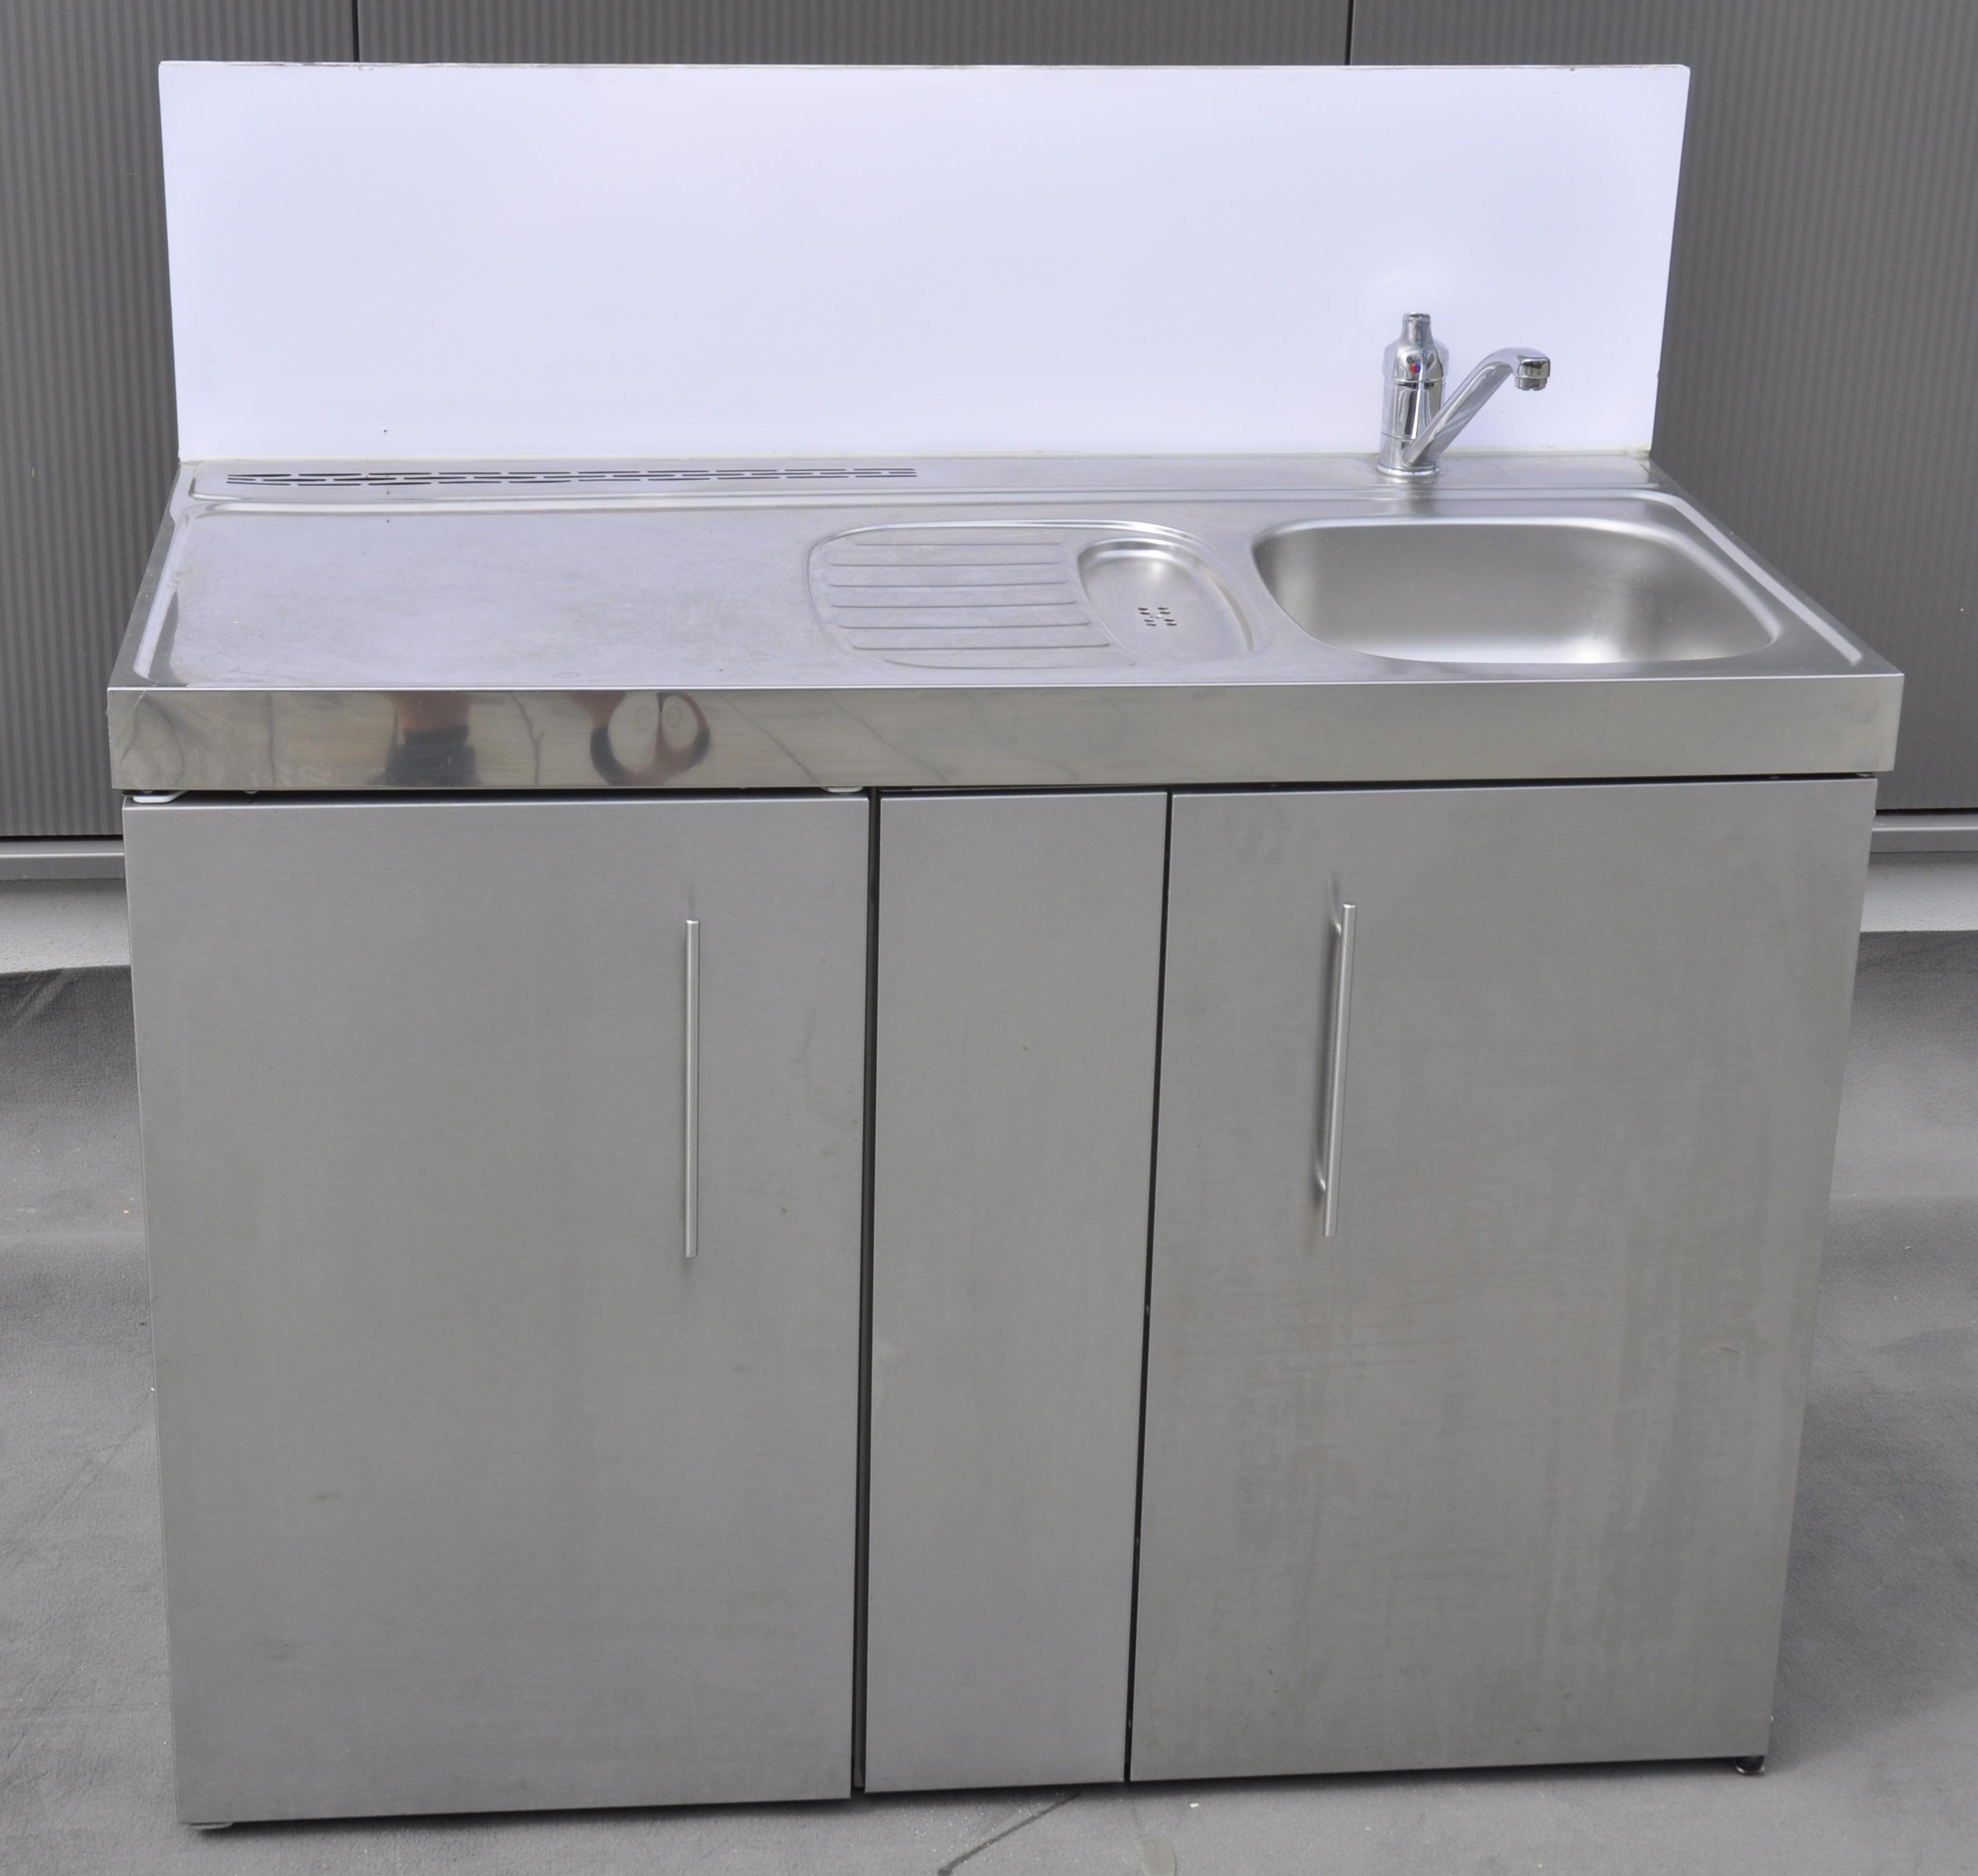 handwaschbecken f r kaltwasser mieten event mobiliar von deko tec. Black Bedroom Furniture Sets. Home Design Ideas